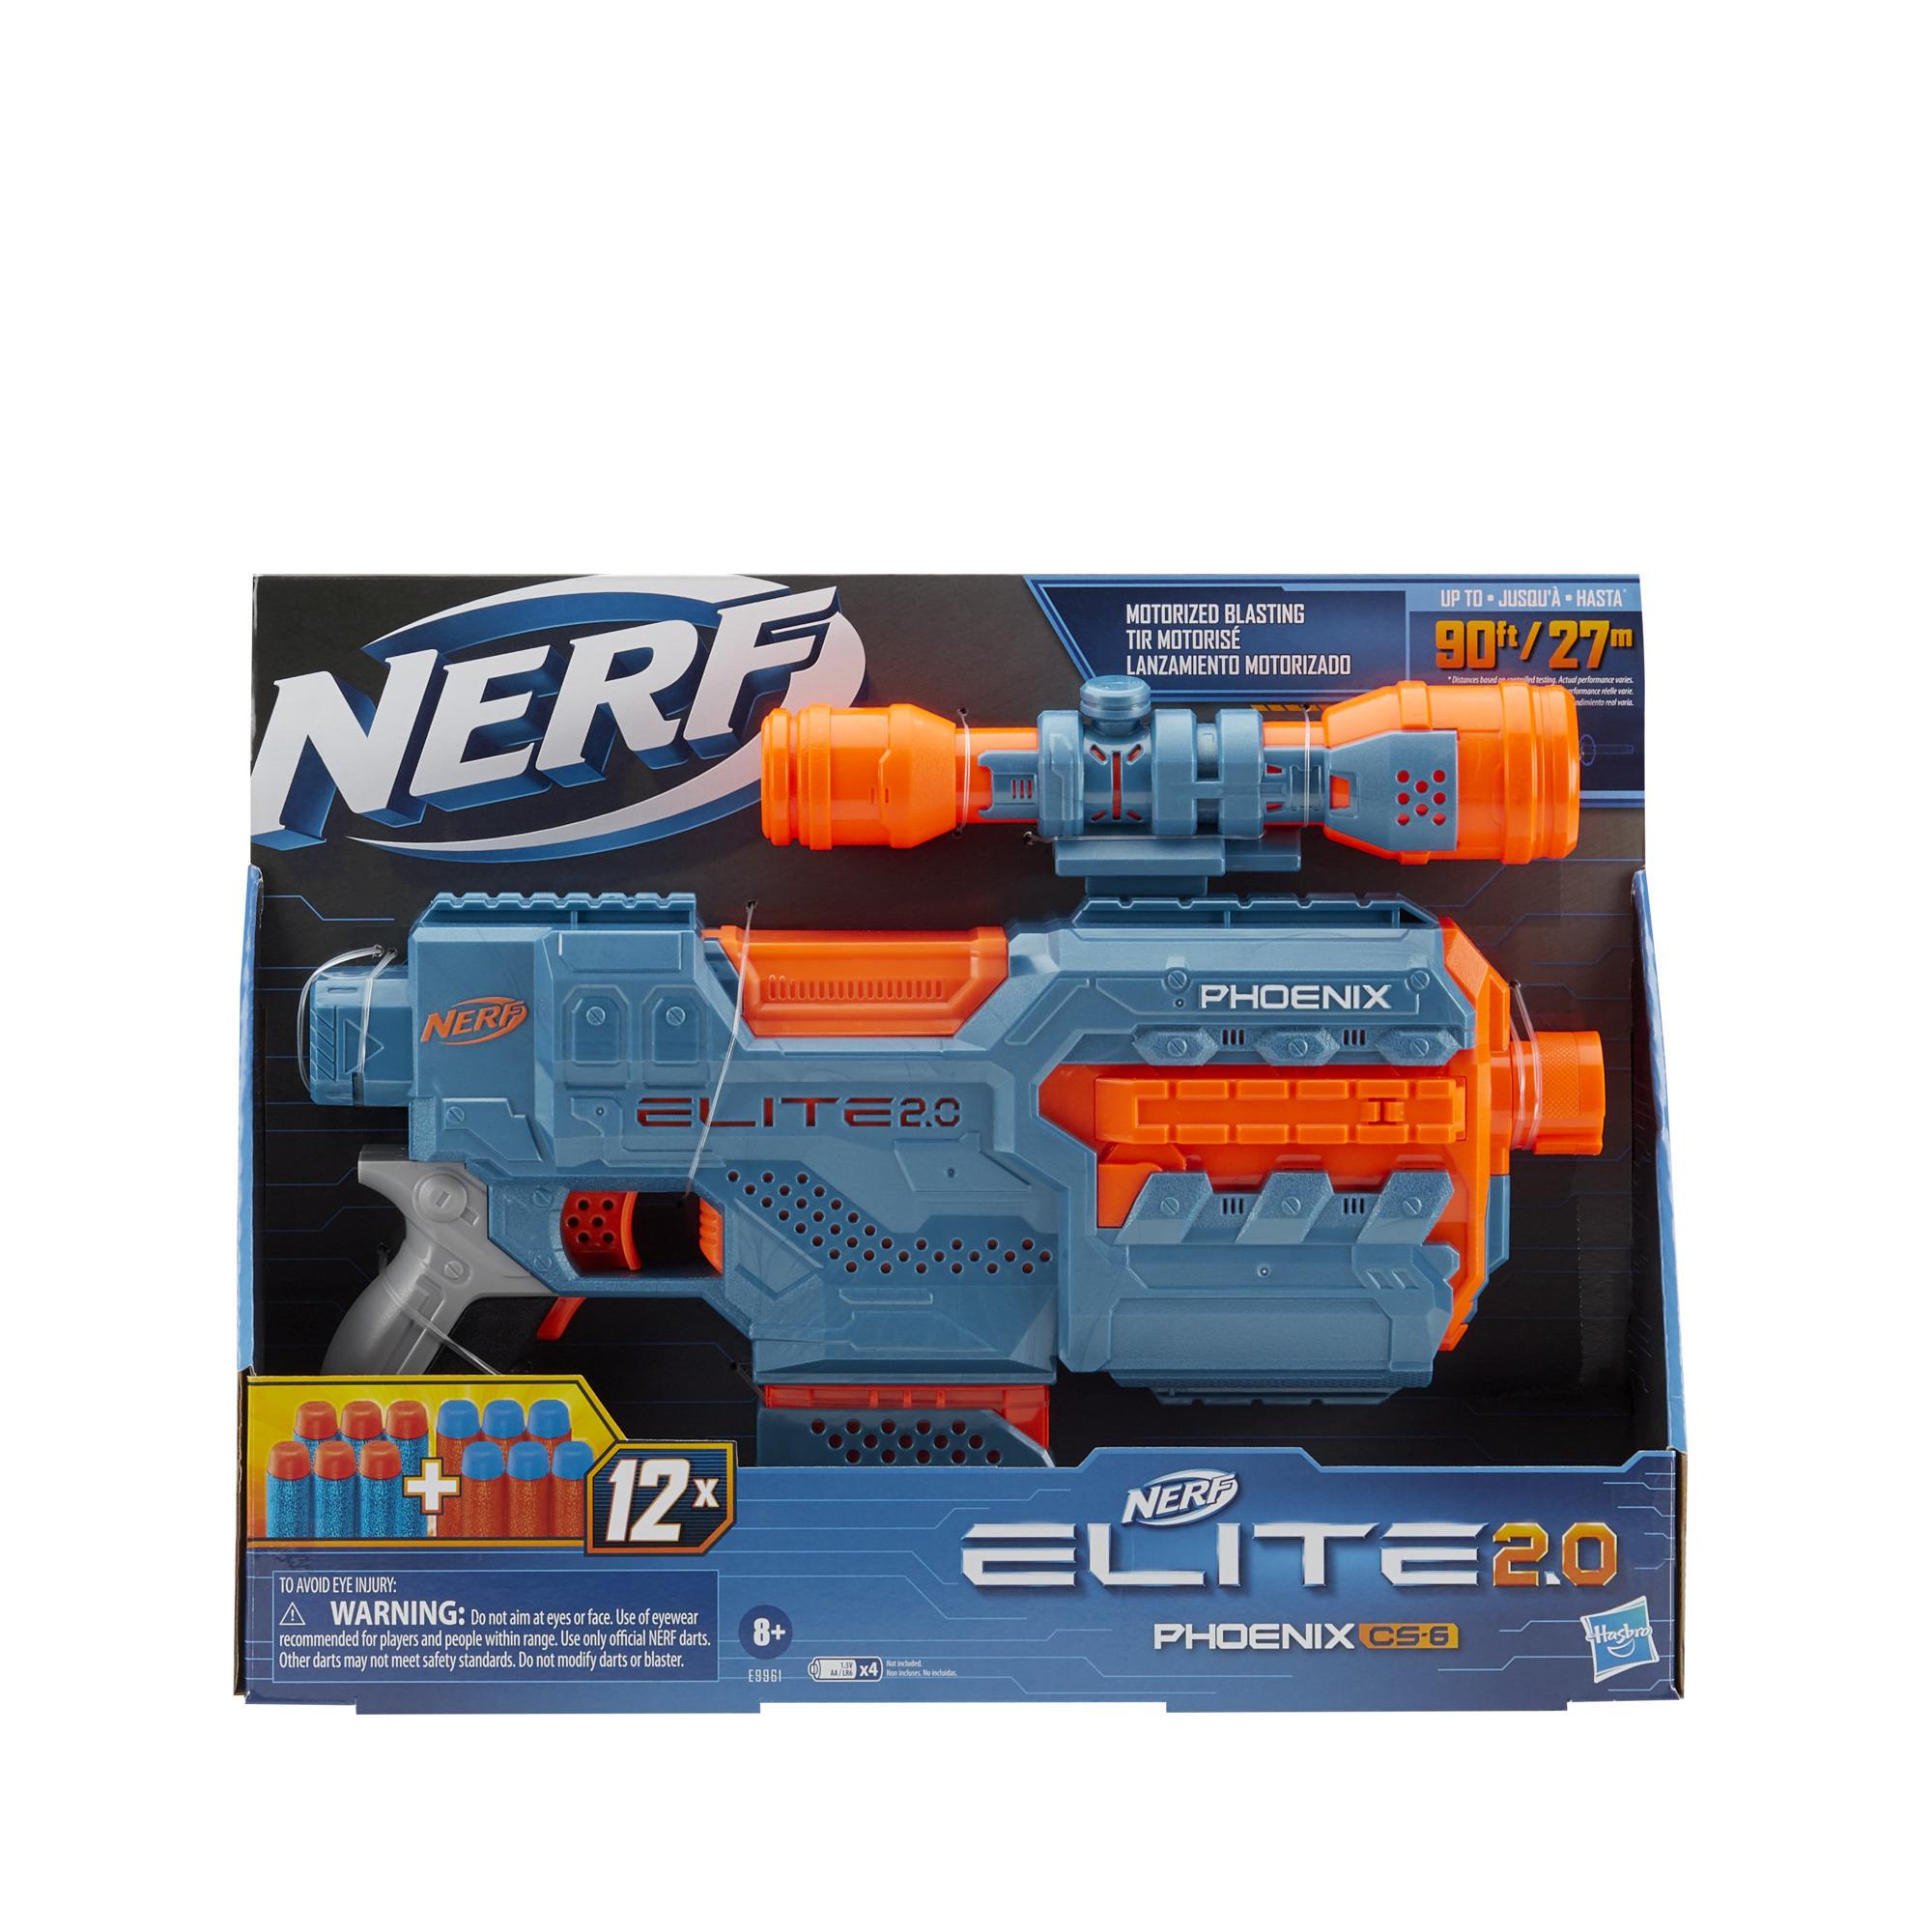 Zautomatyzowana wyrzutnia Nerf Elite 2.0 Phoenix CS-6, 12 oryginalnych strzałek Nerf, celownik, magazynek, możliwość dostosowania